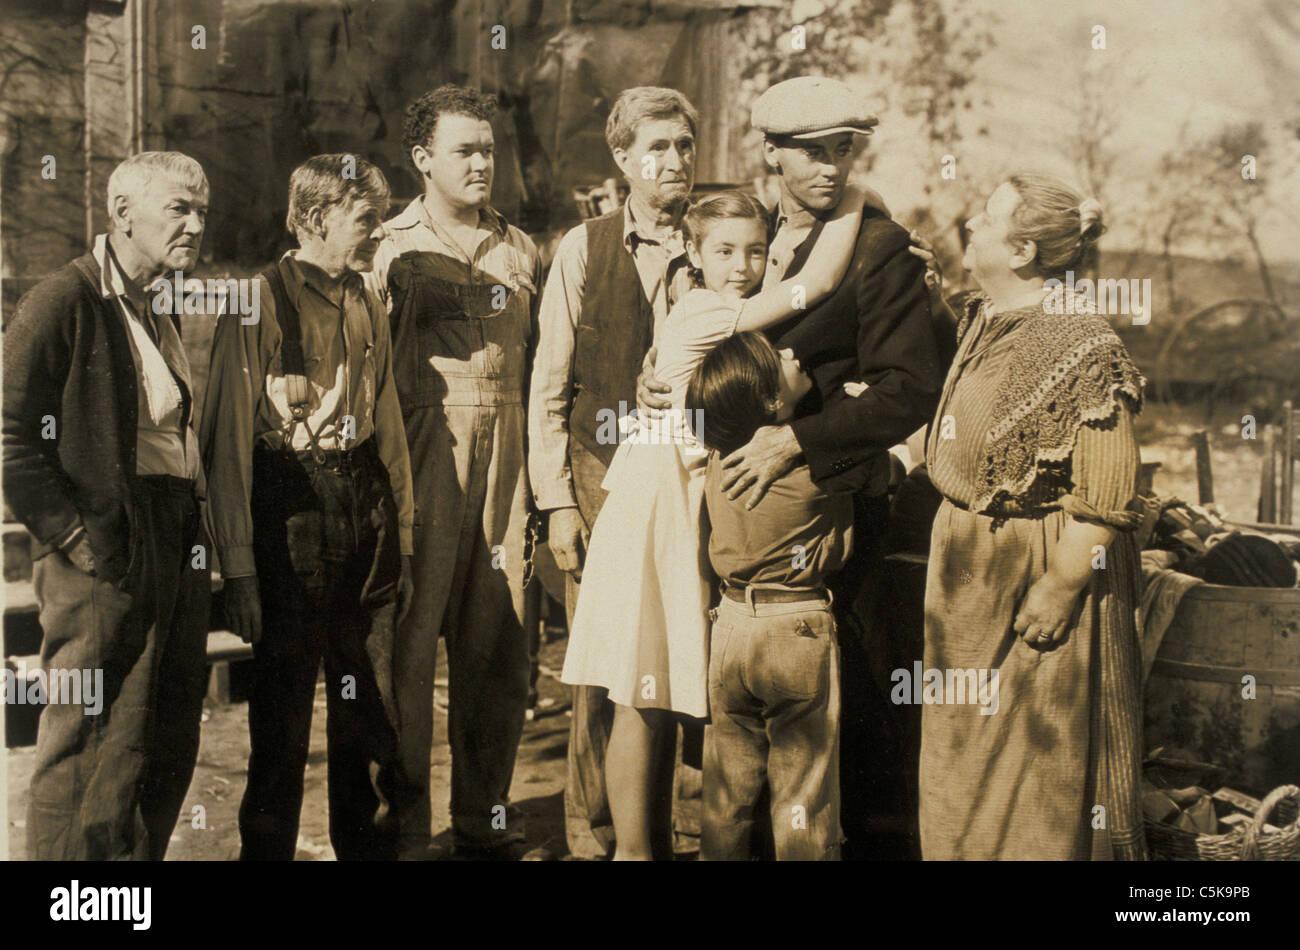 Le uve di ira Anno: 1940 USA Direttore: John Ford Charley Grapewin, Frank Darien, Russell Simpson, Shirley Mills, Immagini Stock